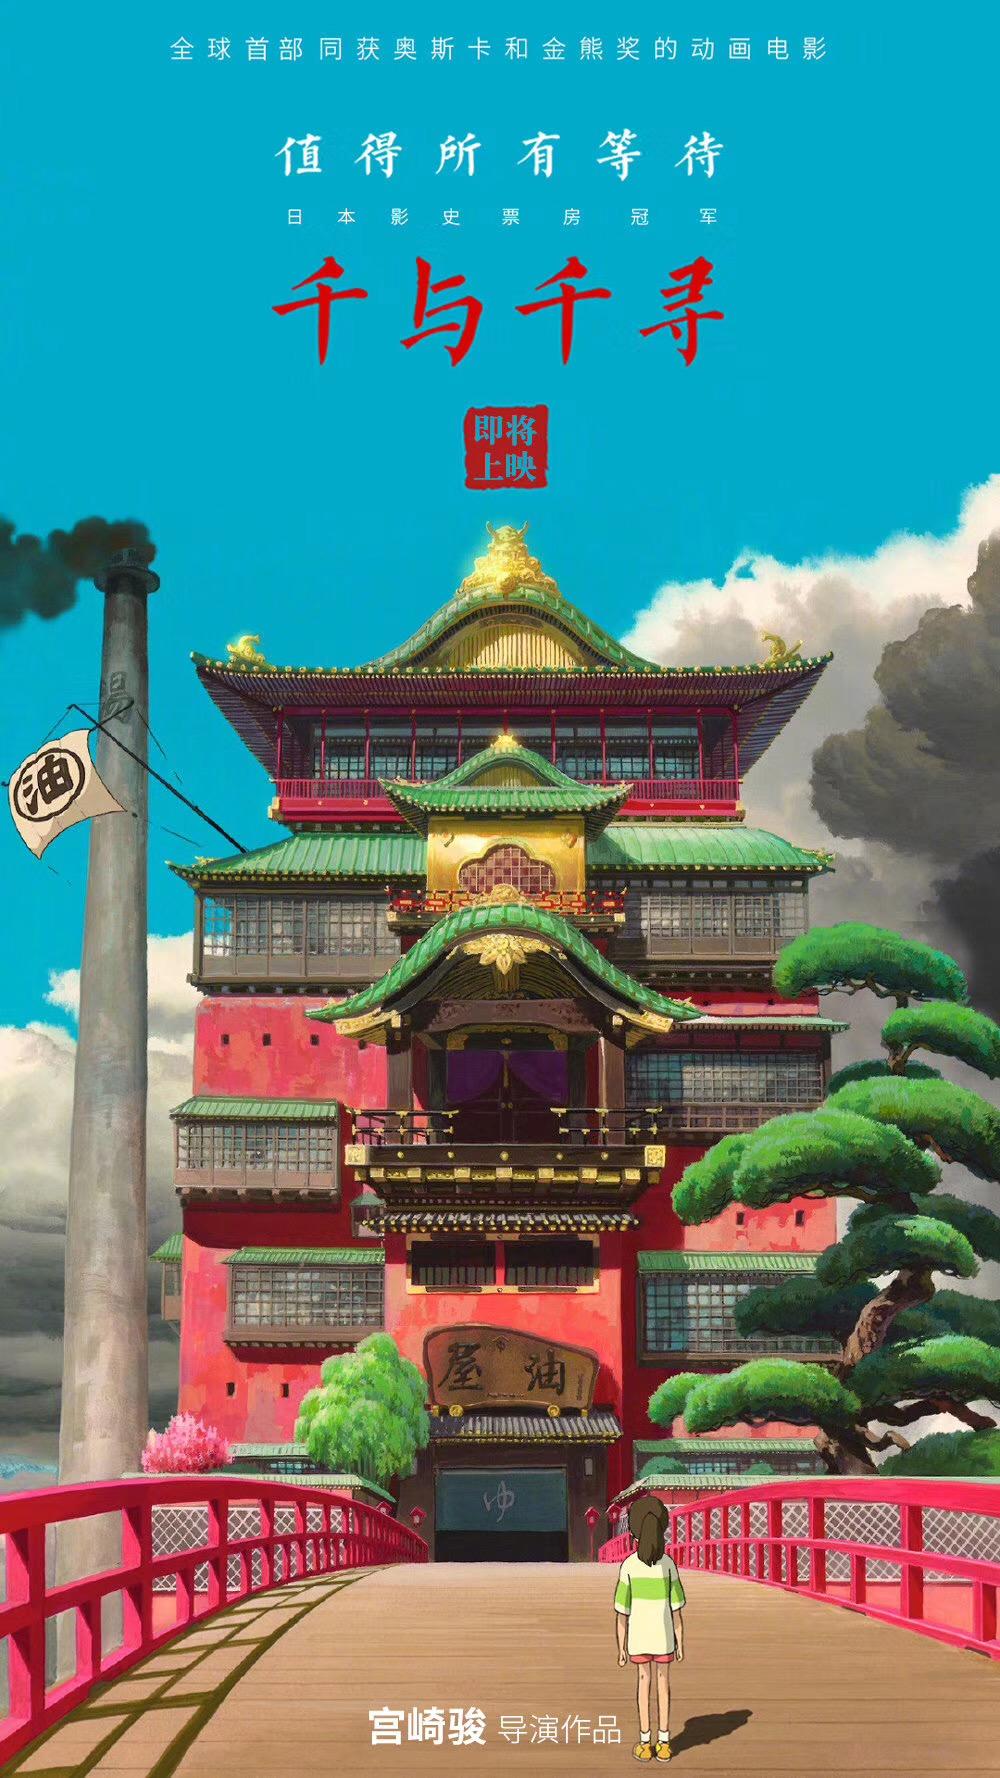 時隔18年,宮崎駿經典動畫《千與千尋》確認引進內地_日本